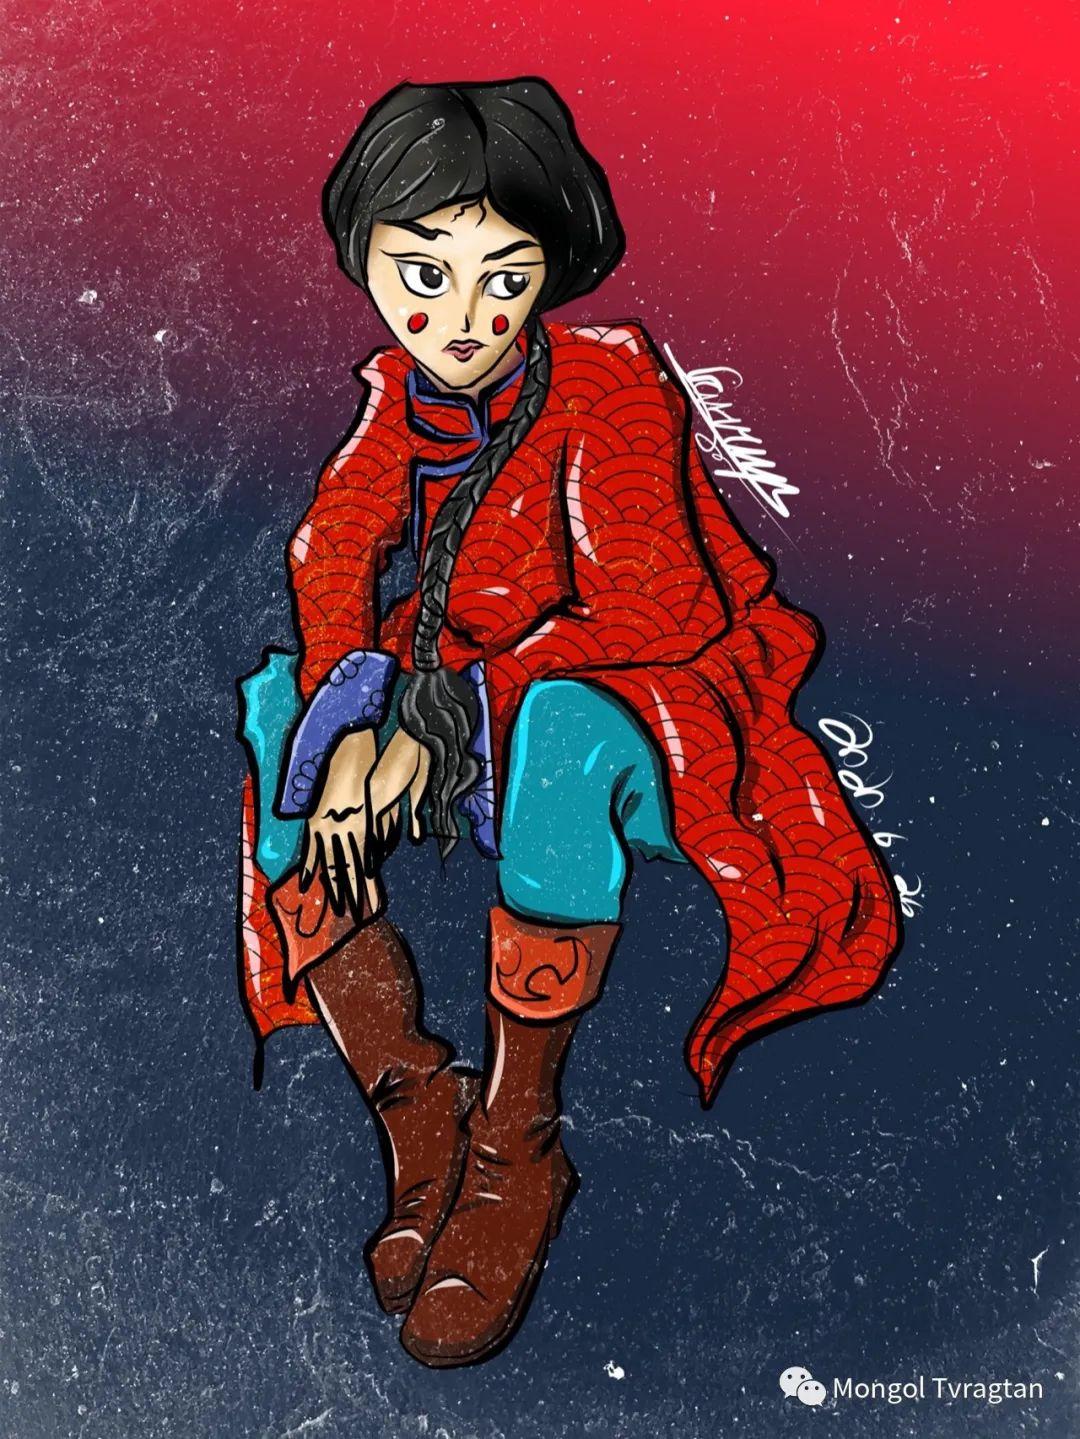 蒙古插画师 散其尔ᠮᠣᠩᠭᠣᠯ ᠵᠢᠷᠤᠭᠠᠴᠢ ᠆᠆᠆ ᠭᠣᠴᠢᠳ ᠣᠨ ᠰᠠᠨᠢᠴᠢᠷ 第8张 蒙古插画师 散其尔ᠮᠣᠩᠭᠣᠯ ᠵᠢᠷᠤᠭᠠᠴᠢ ᠆᠆᠆ ᠭᠣᠴᠢᠳ ᠣᠨ ᠰᠠᠨᠢᠴᠢᠷ 蒙古画廊